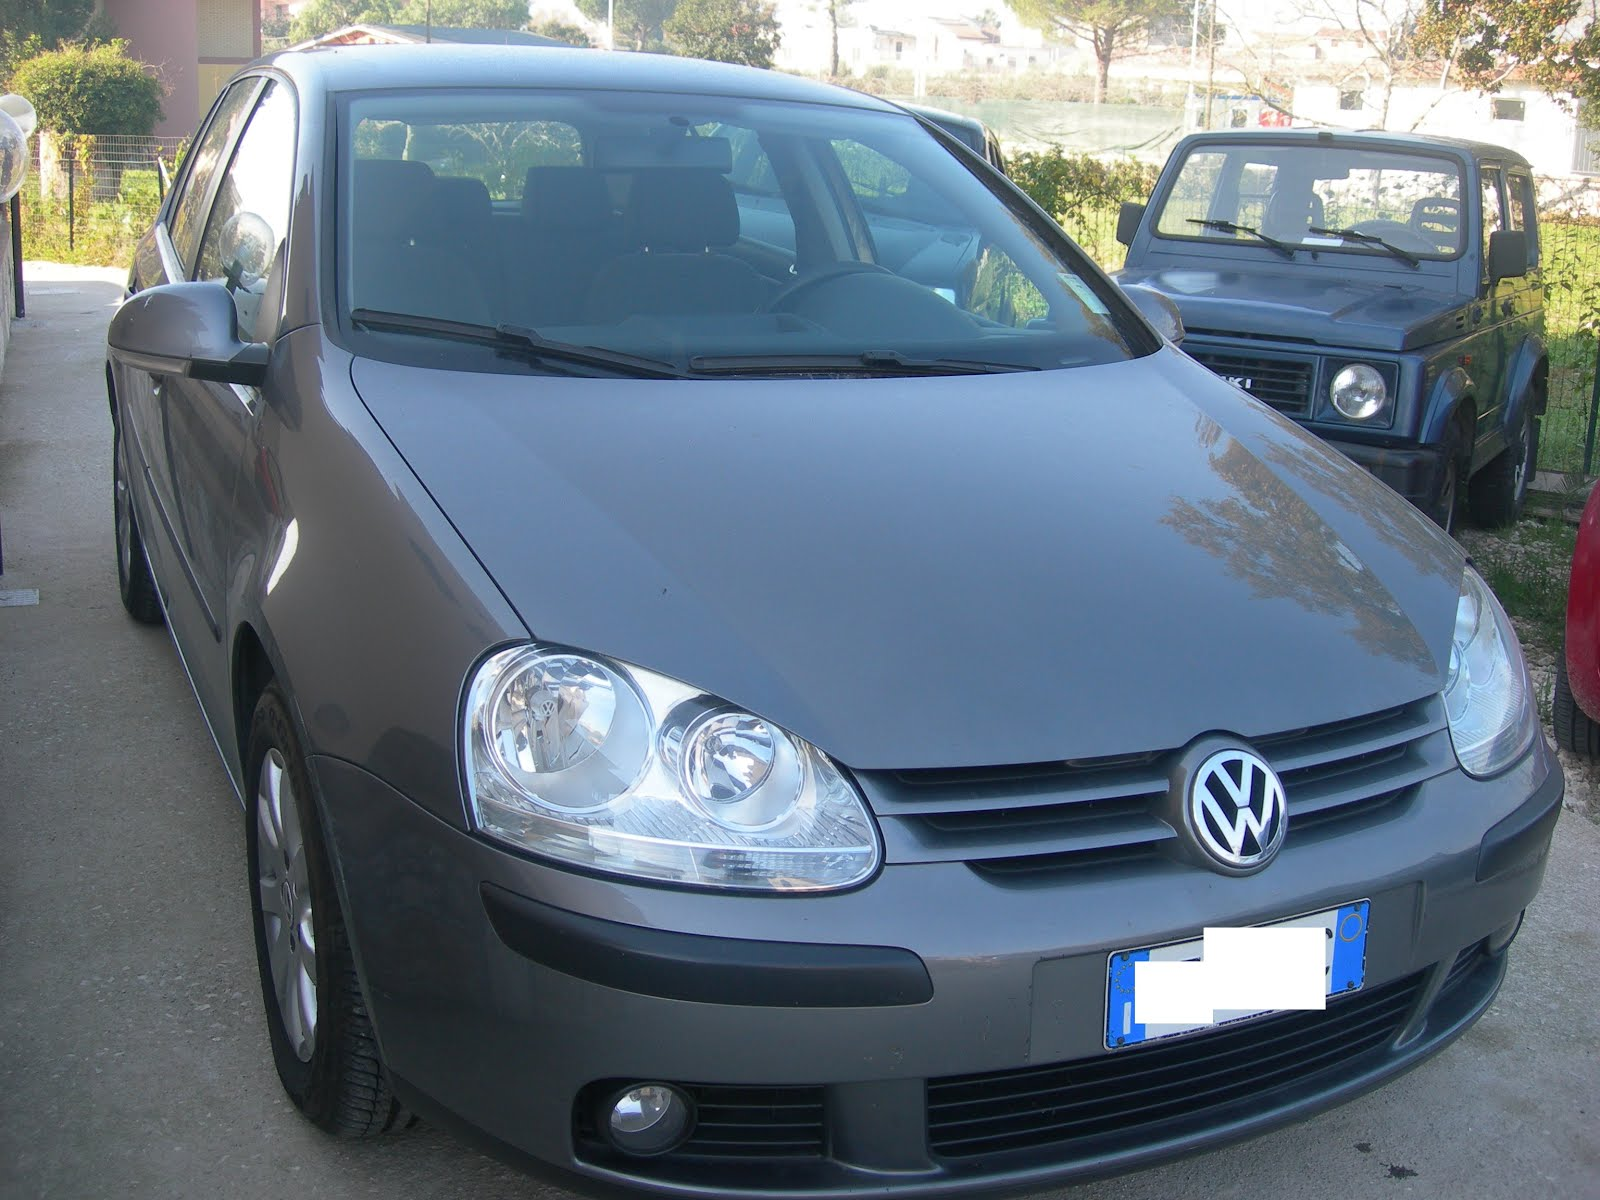 VW GOLF 5 1.9 TDI 105 CV IMMATRICOLAZIONE 2006 MODELLO CONFORTLINE PREZZO 6.000,00 EURO